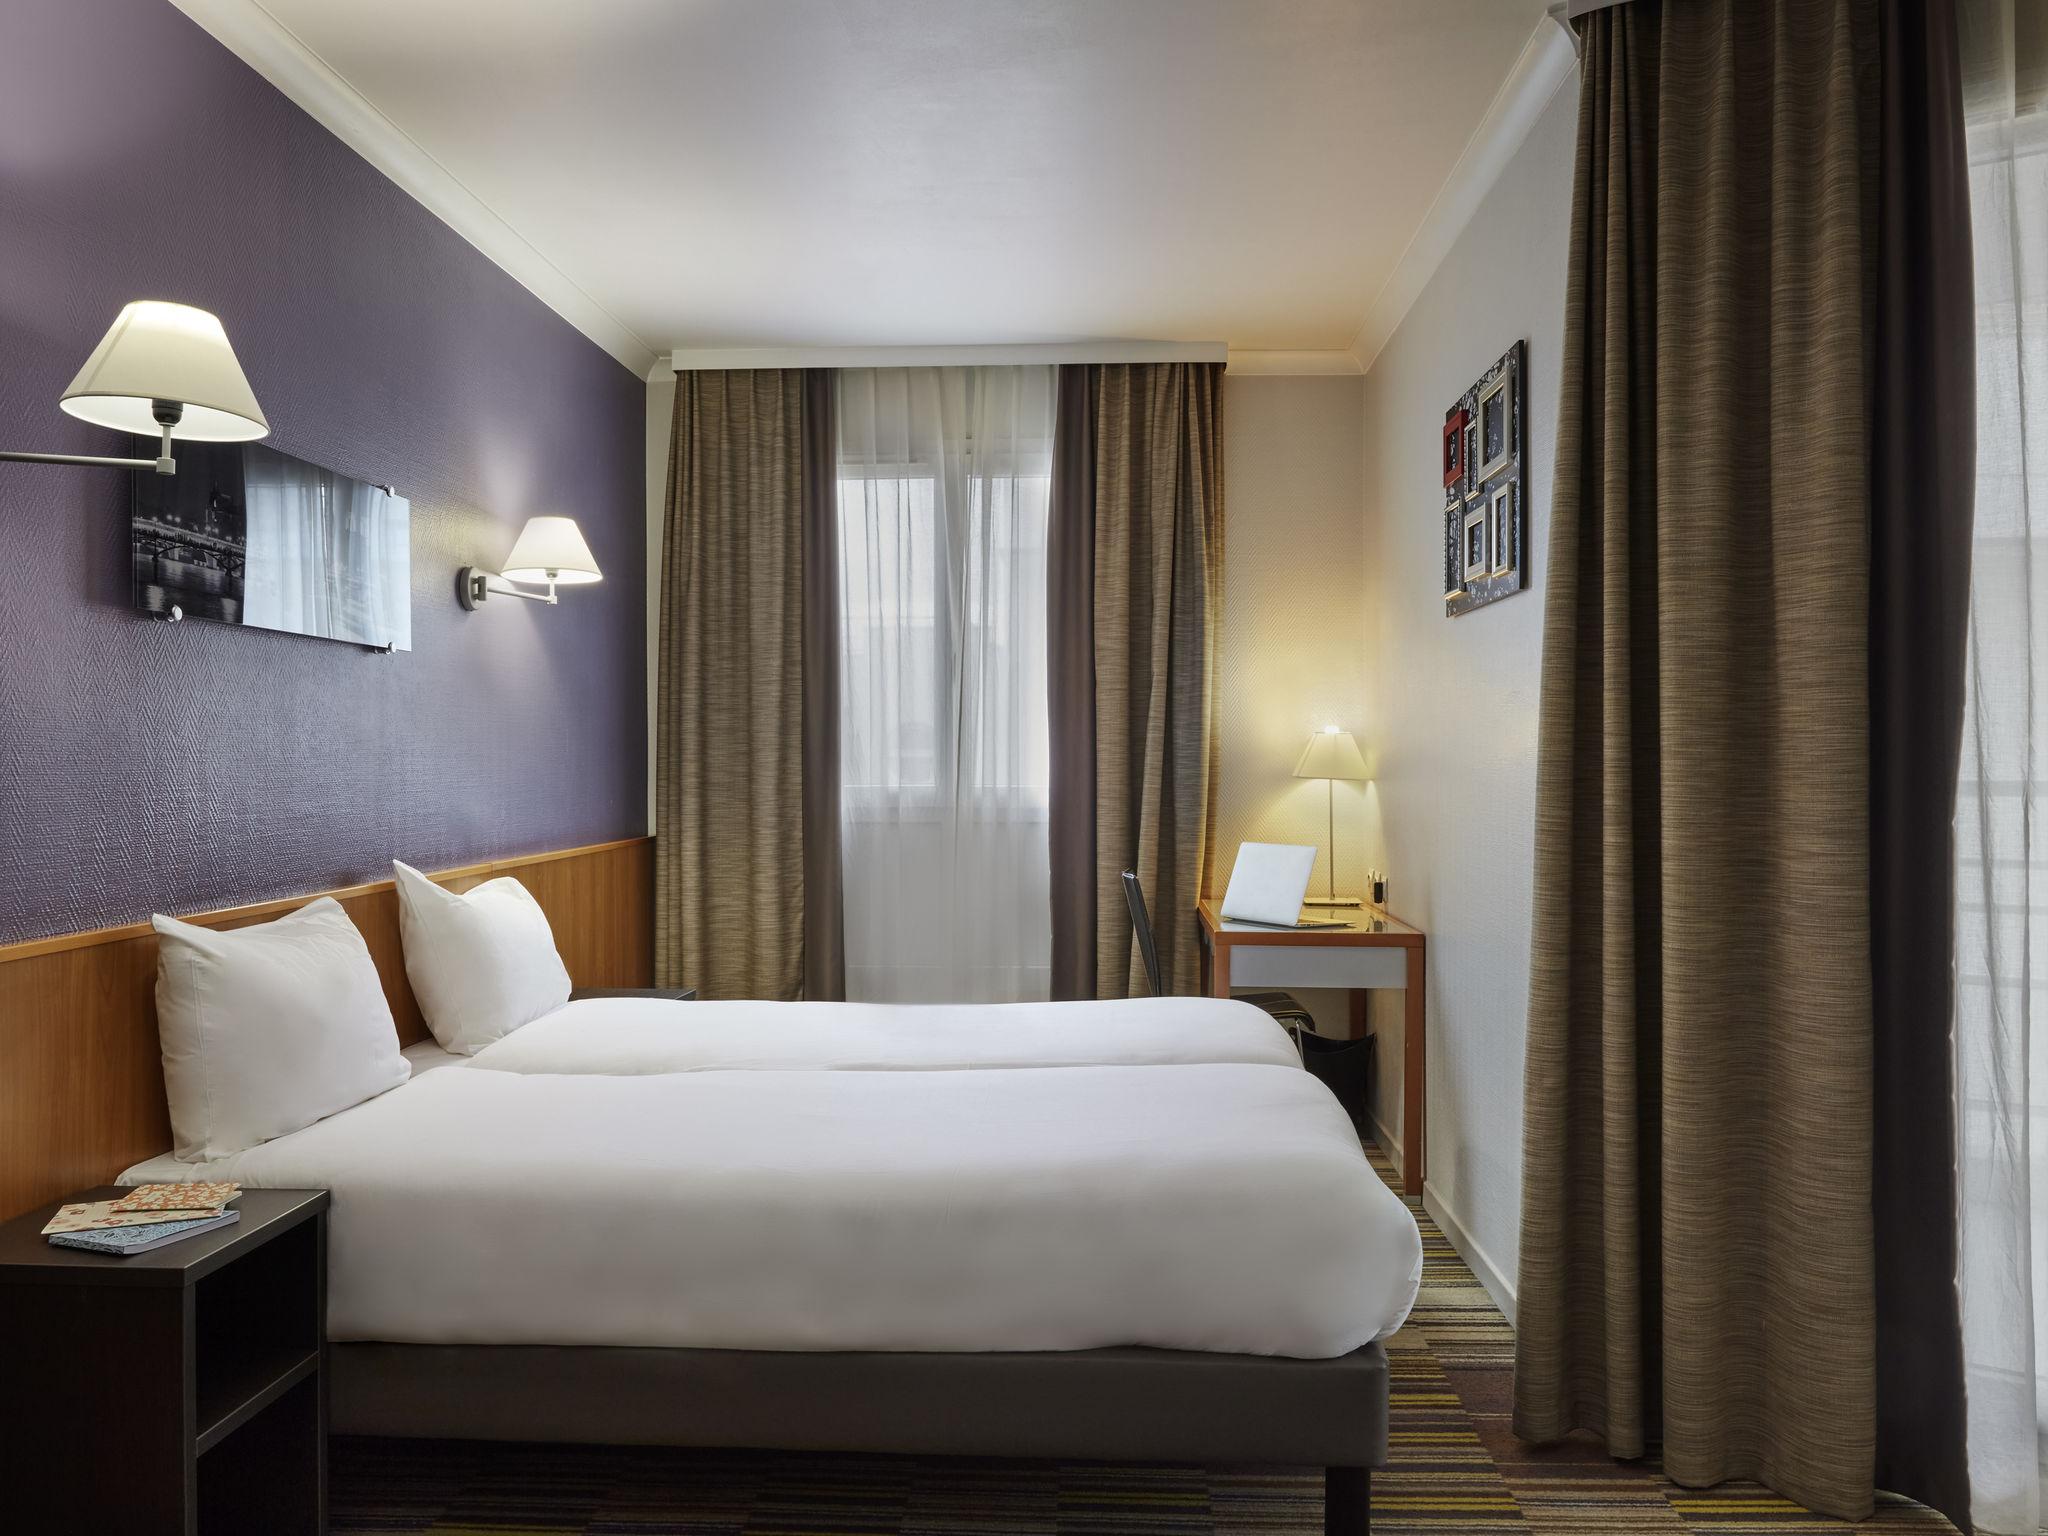 فندق - أداجيو Aparthotel Adagio باريس لاديفانس بارك